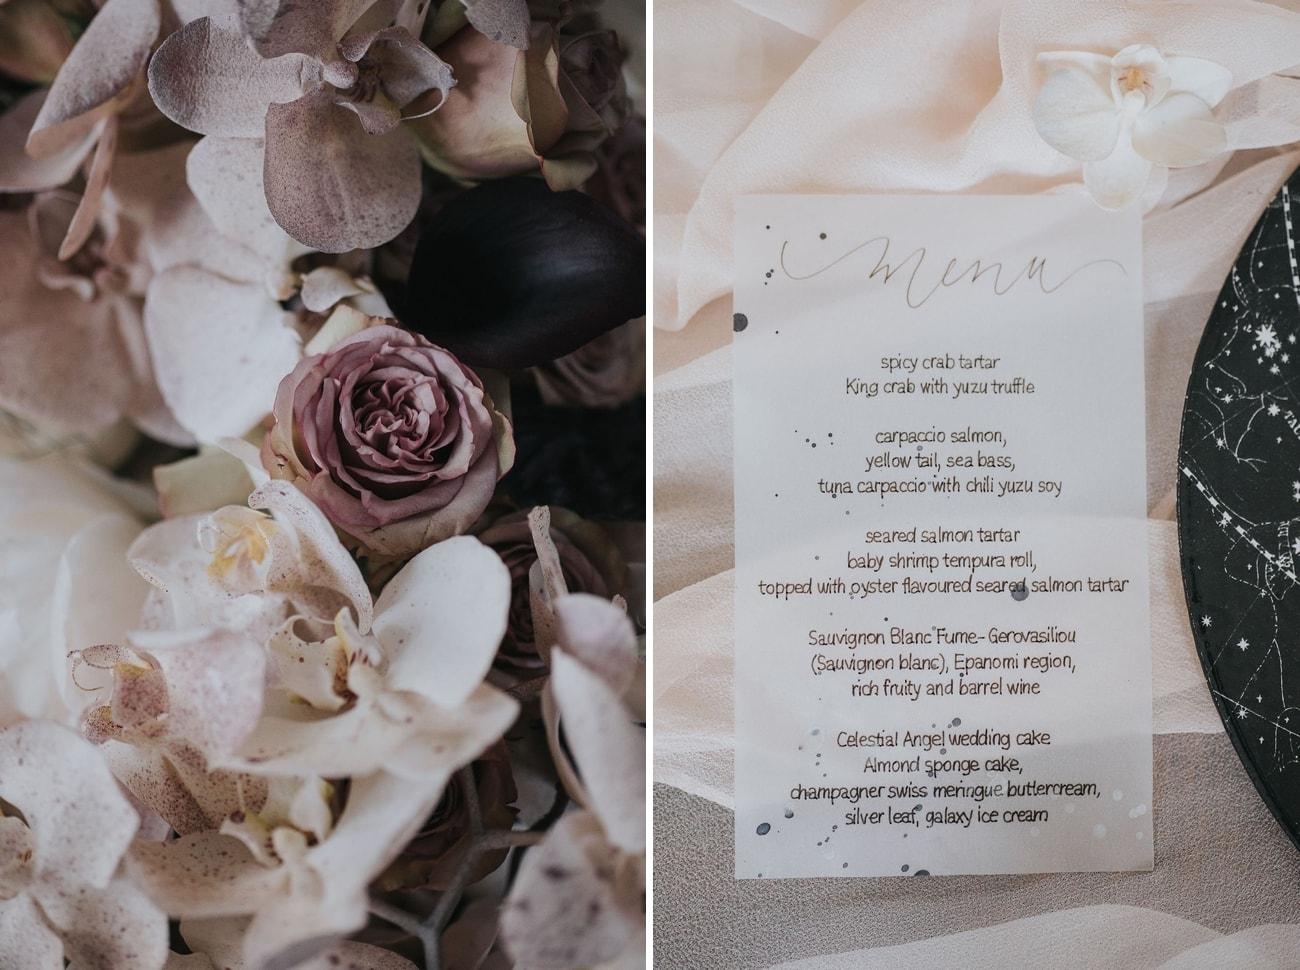 Velum Wedding Menu | Credit: Cornelia Lietz